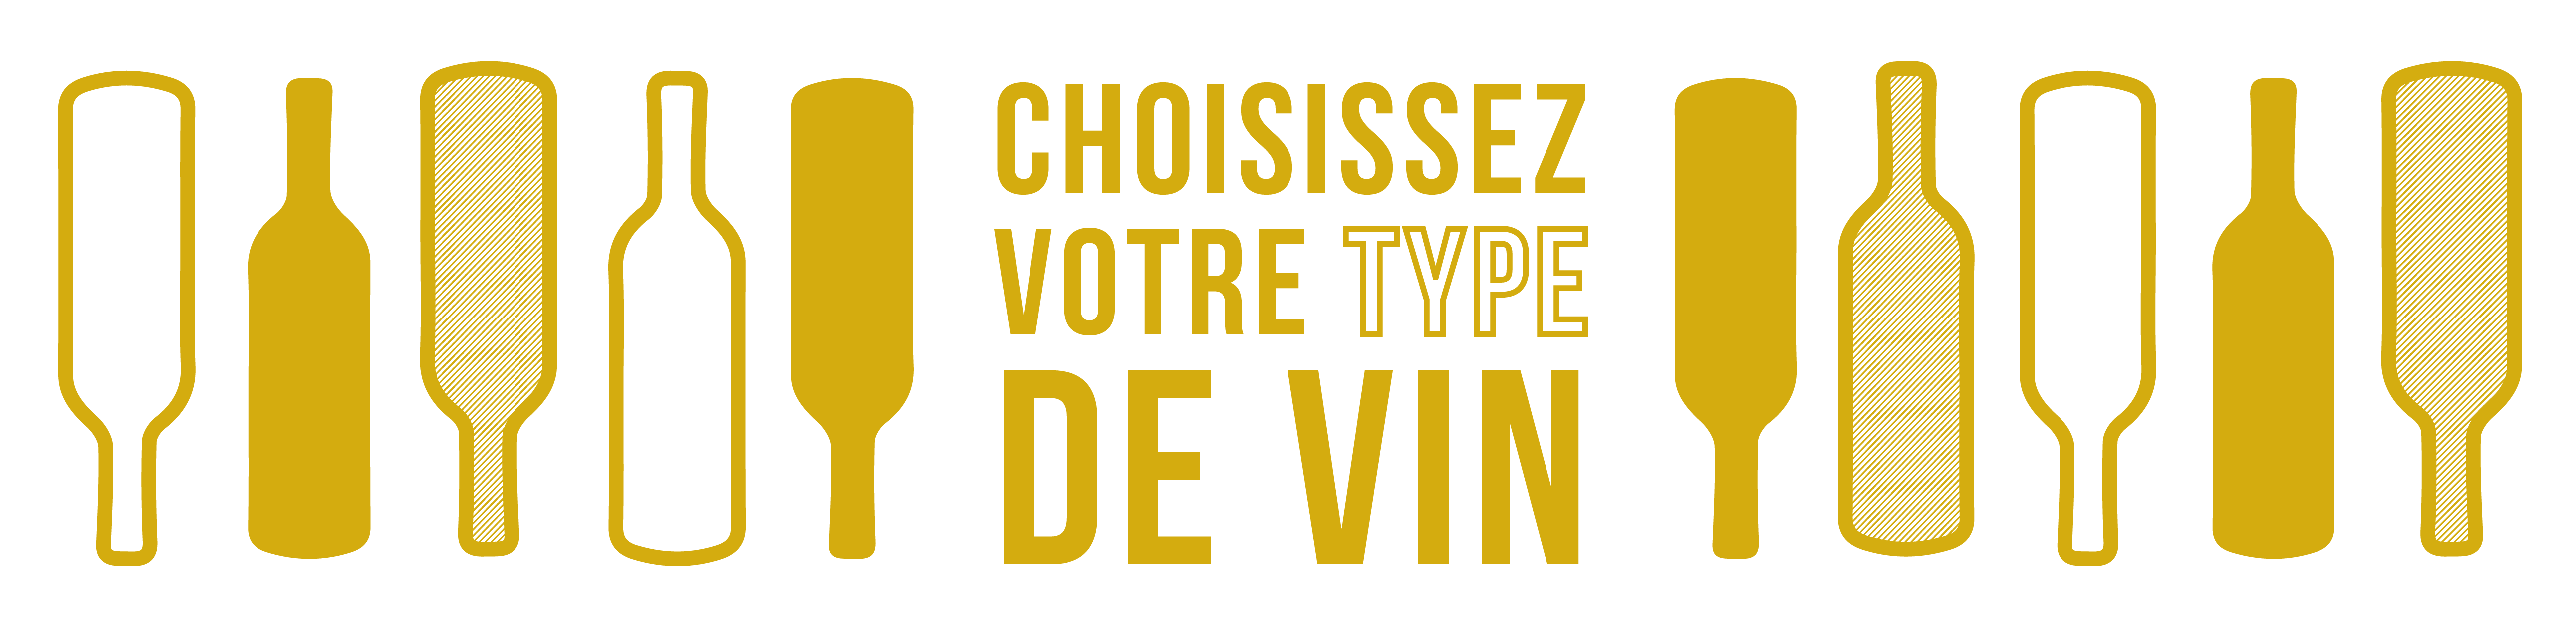 Choisissez un coffret vin selon le type des vins